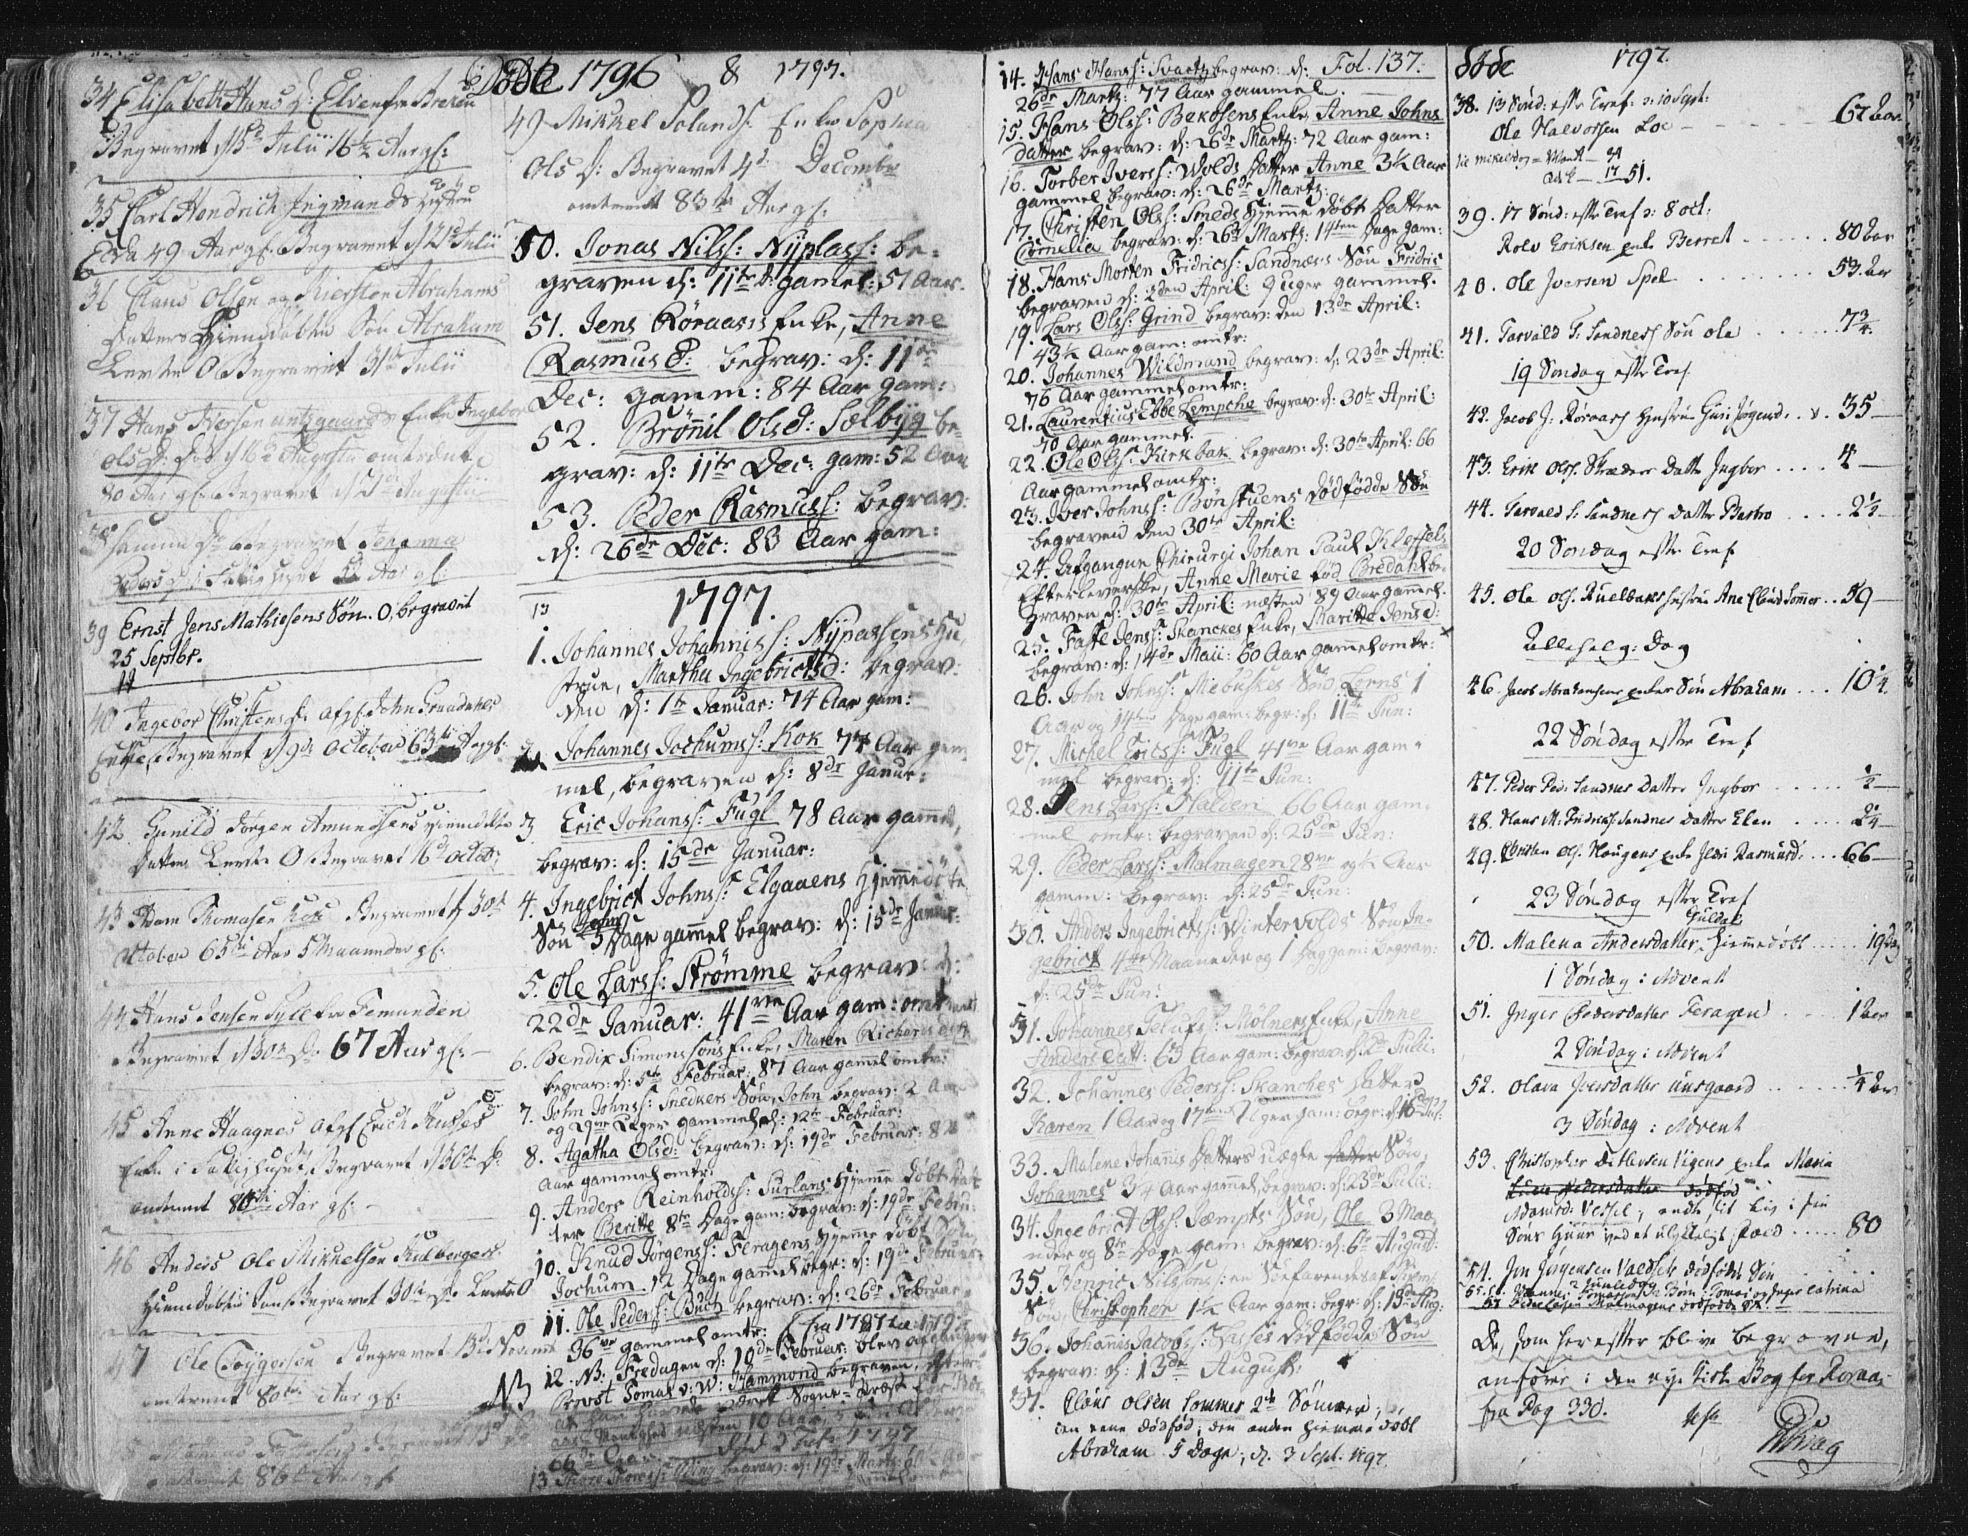 SAT, Ministerialprotokoller, klokkerbøker og fødselsregistre - Sør-Trøndelag, 681/L0926: Ministerialbok nr. 681A04, 1767-1797, s. 137